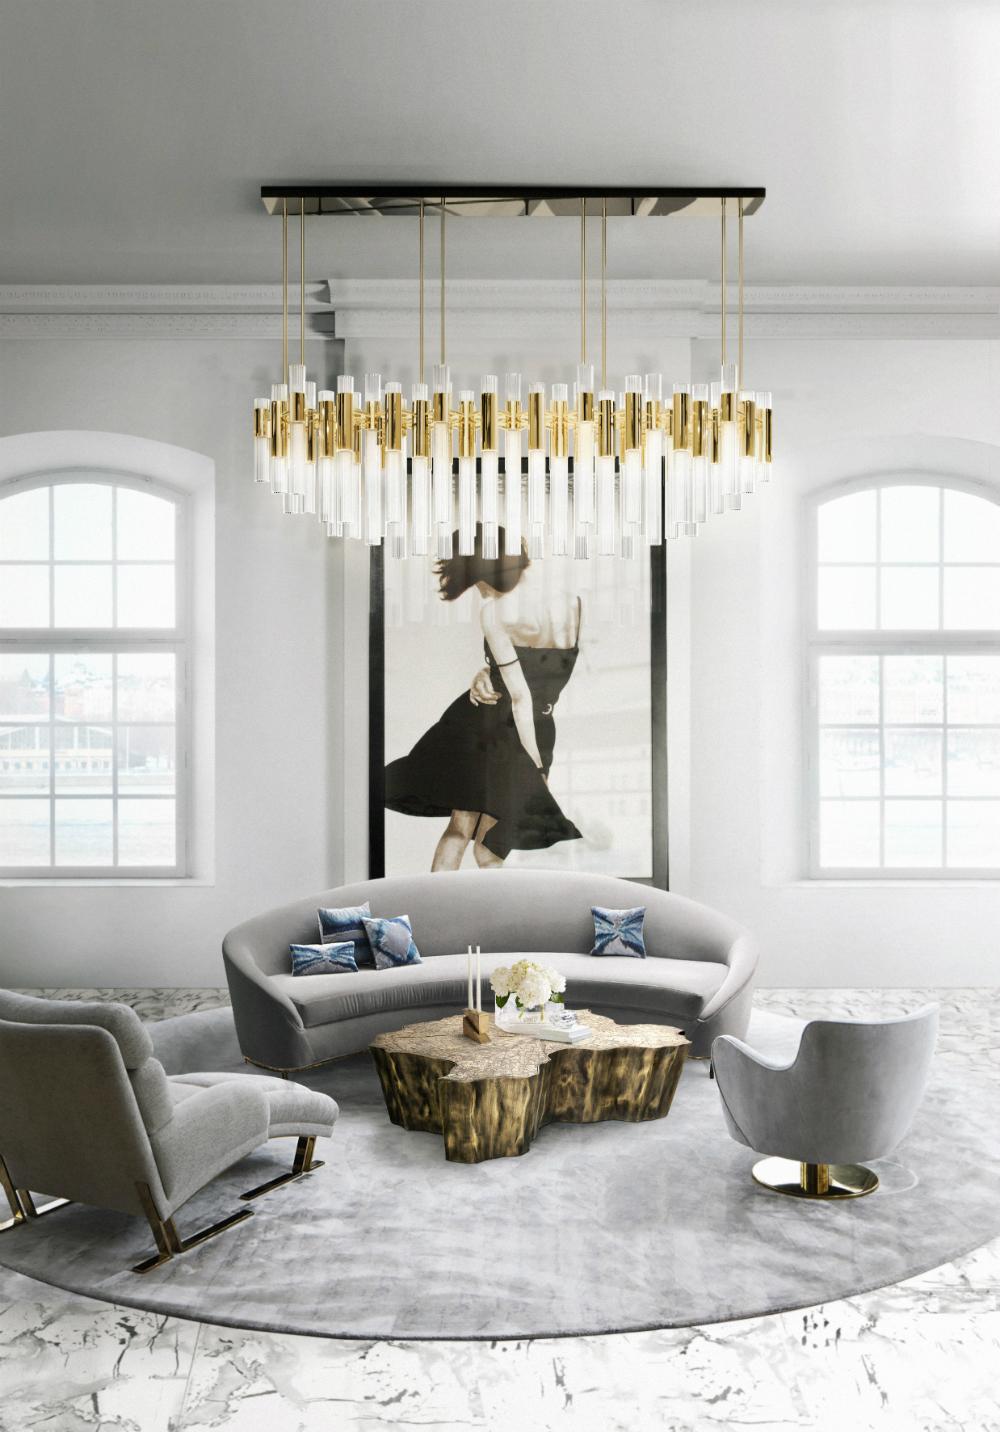 eden-patina-cover decor tips 10 Decor Tips To Make Your House Look Bigger eden patina cover